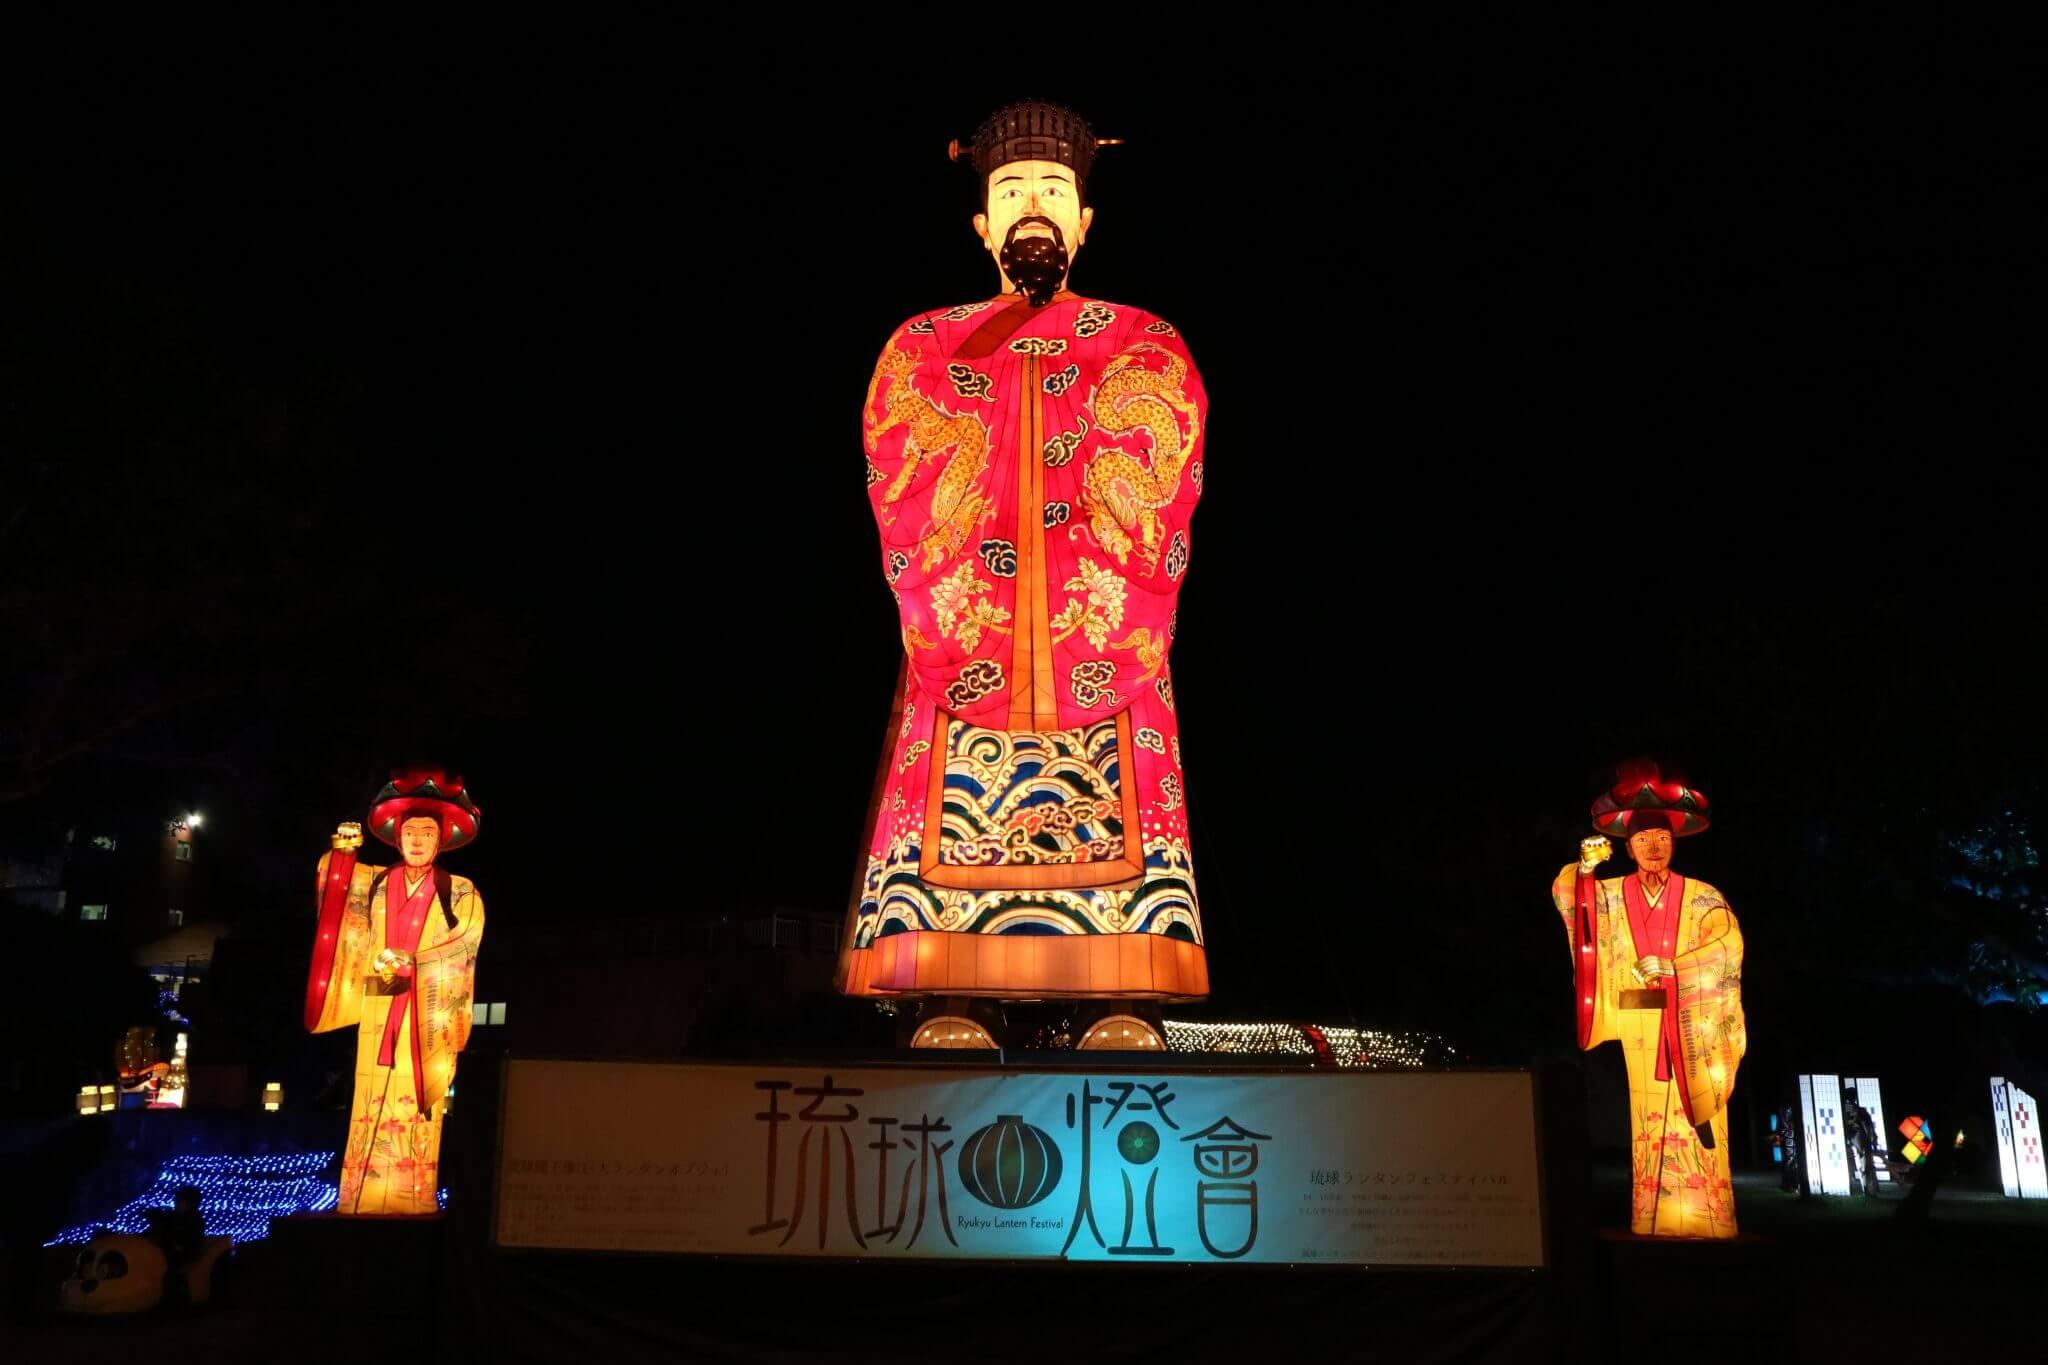 読谷「琉球ランタンフェスティバル」に行ってきました